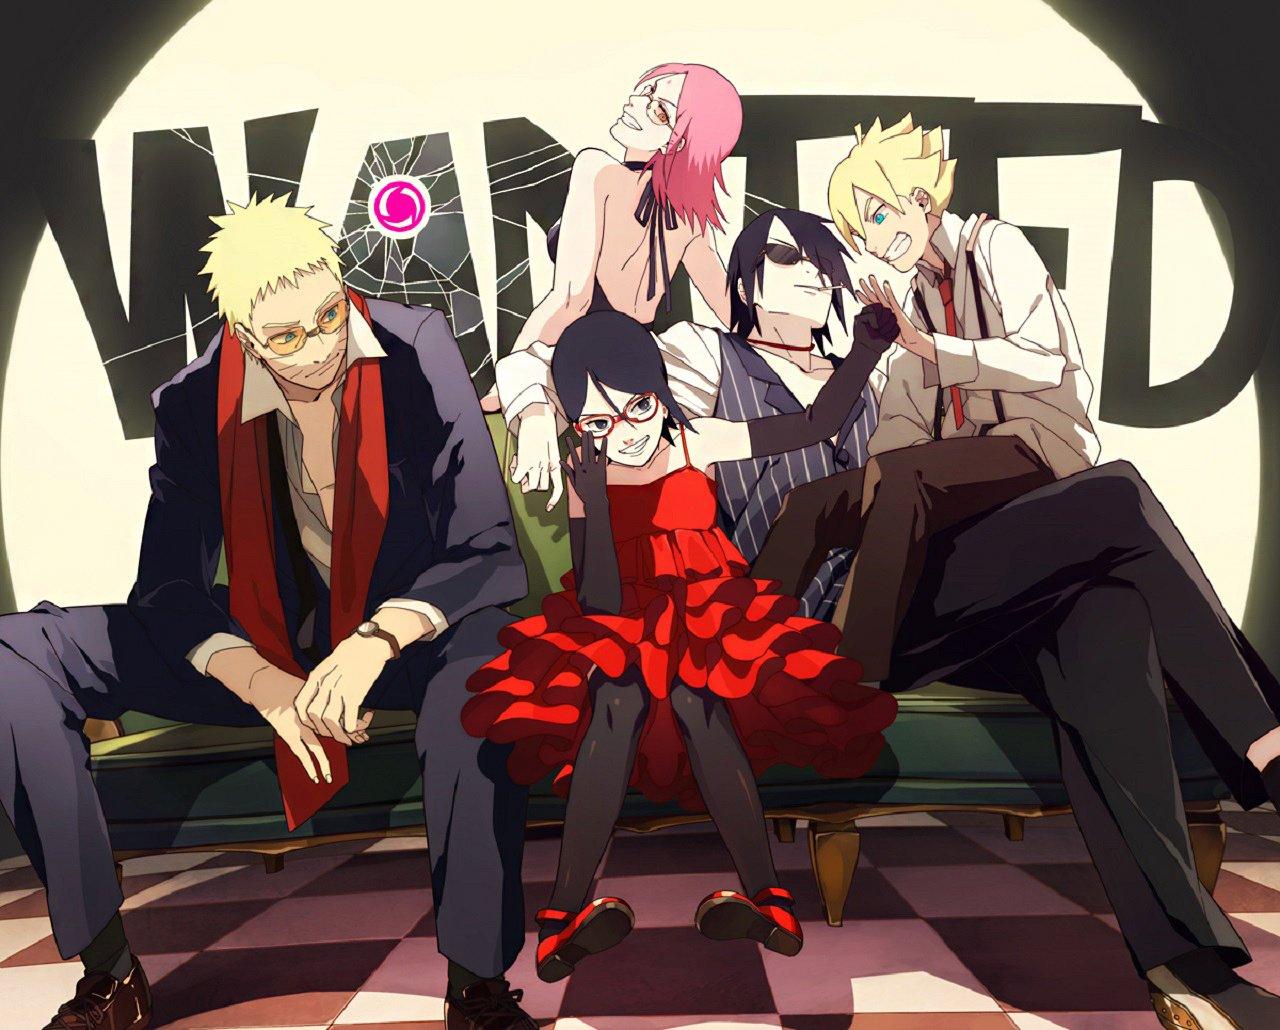 Must see Wallpaper Naruto Boruto - thumb-1920-602083  You Should Have_201210.jpg